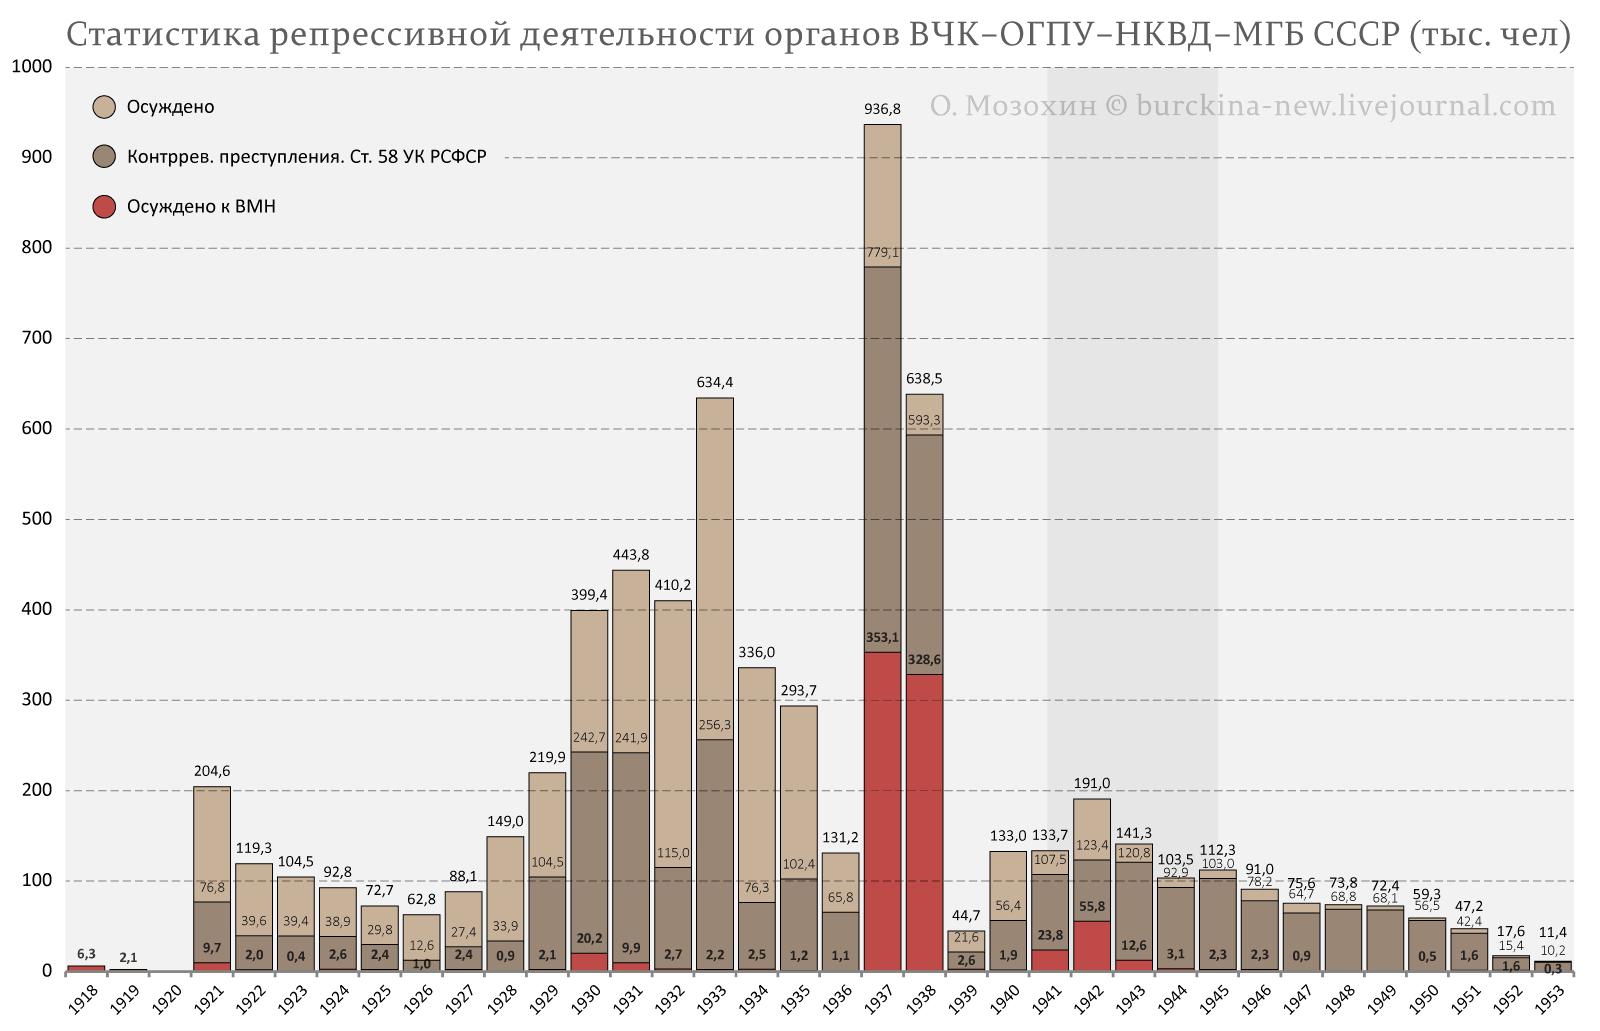 Статистика-репрессивной-деятельности-органов-ОГПУ-НКВД-СССР-(тыс.-чел)